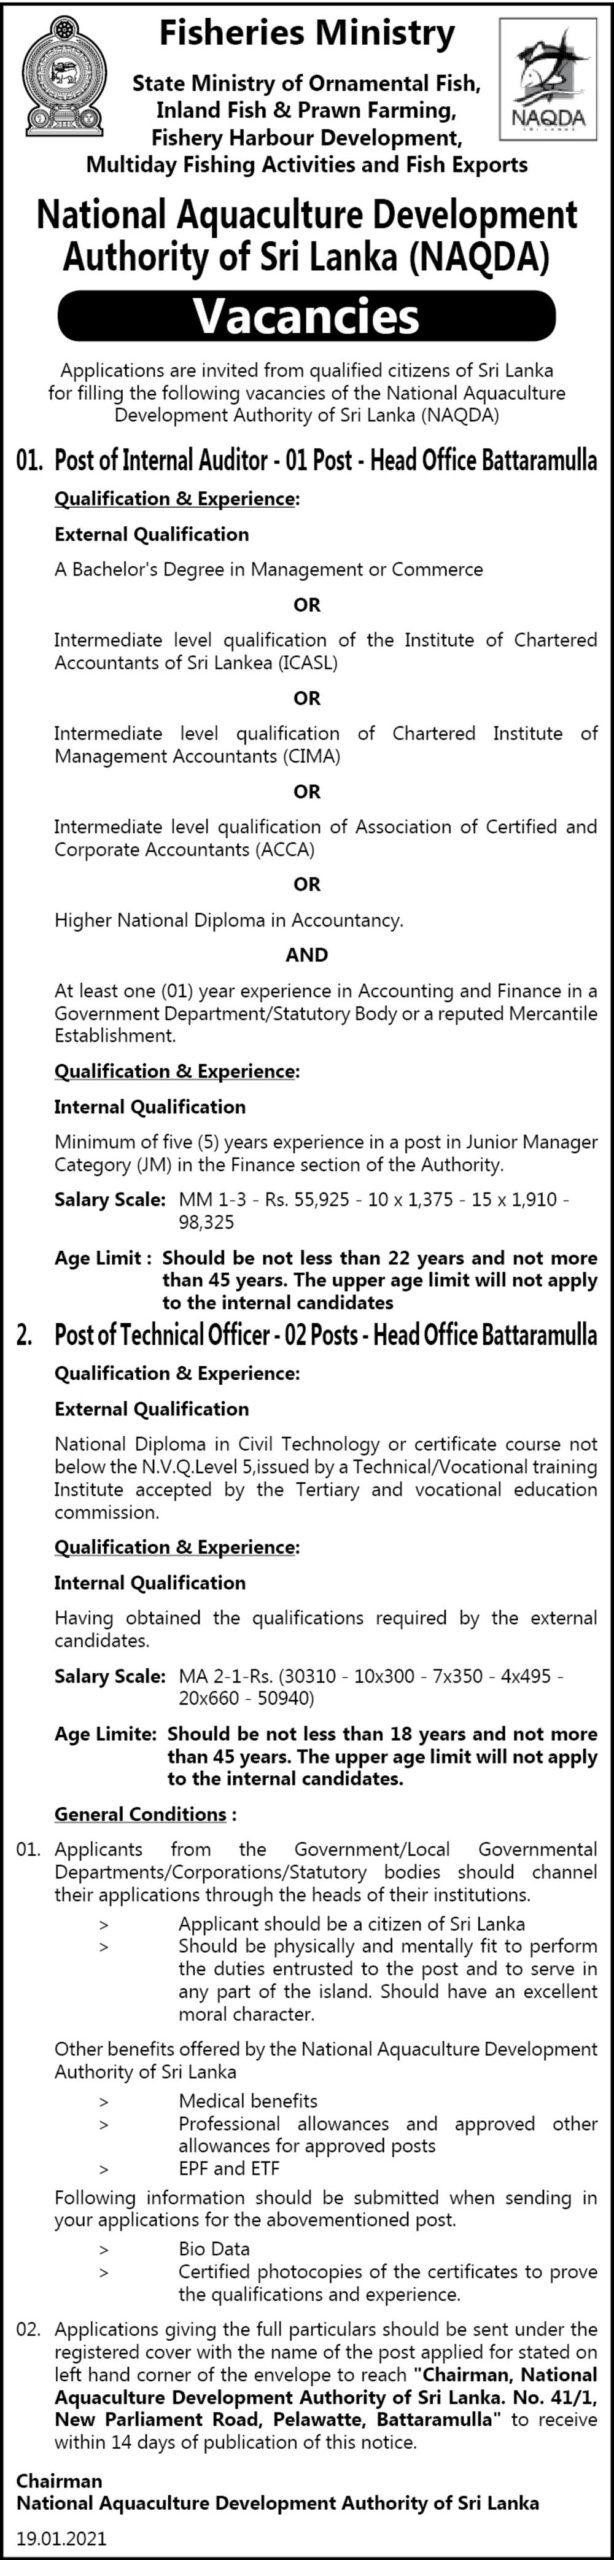 Internal Auditor, Technical Officer - Naqda